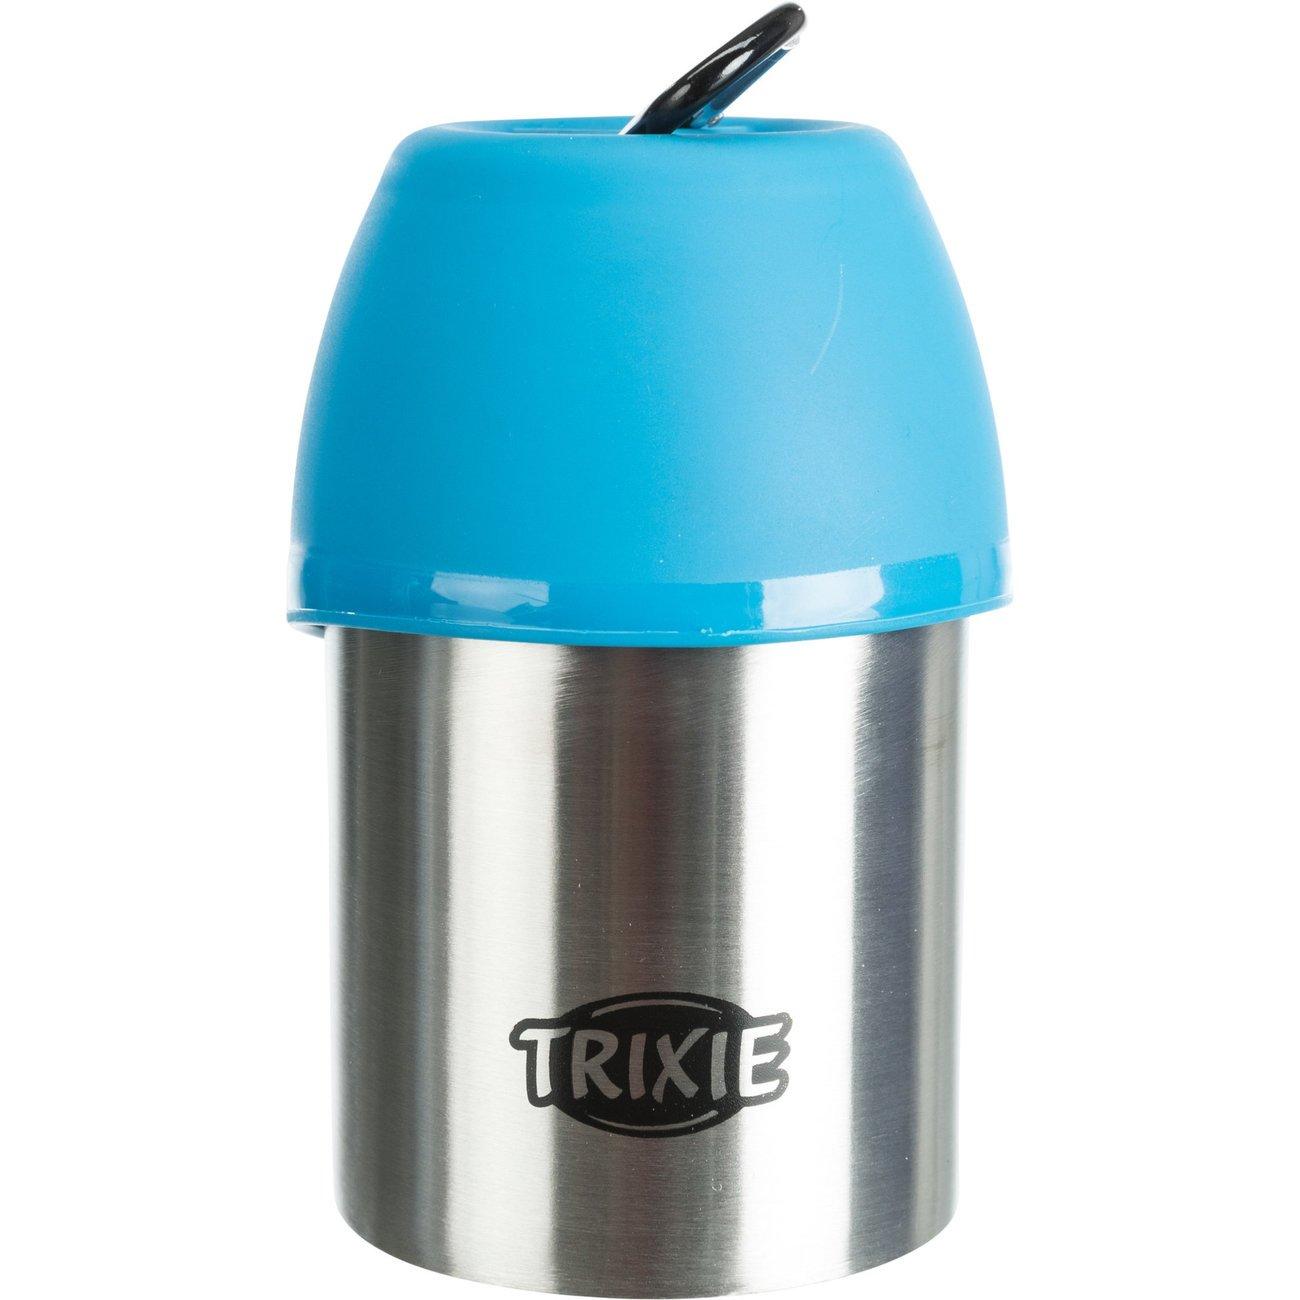 TRIXIE Flasche mit Trinknapf für Hunde unterwegs 24605, Bild 17